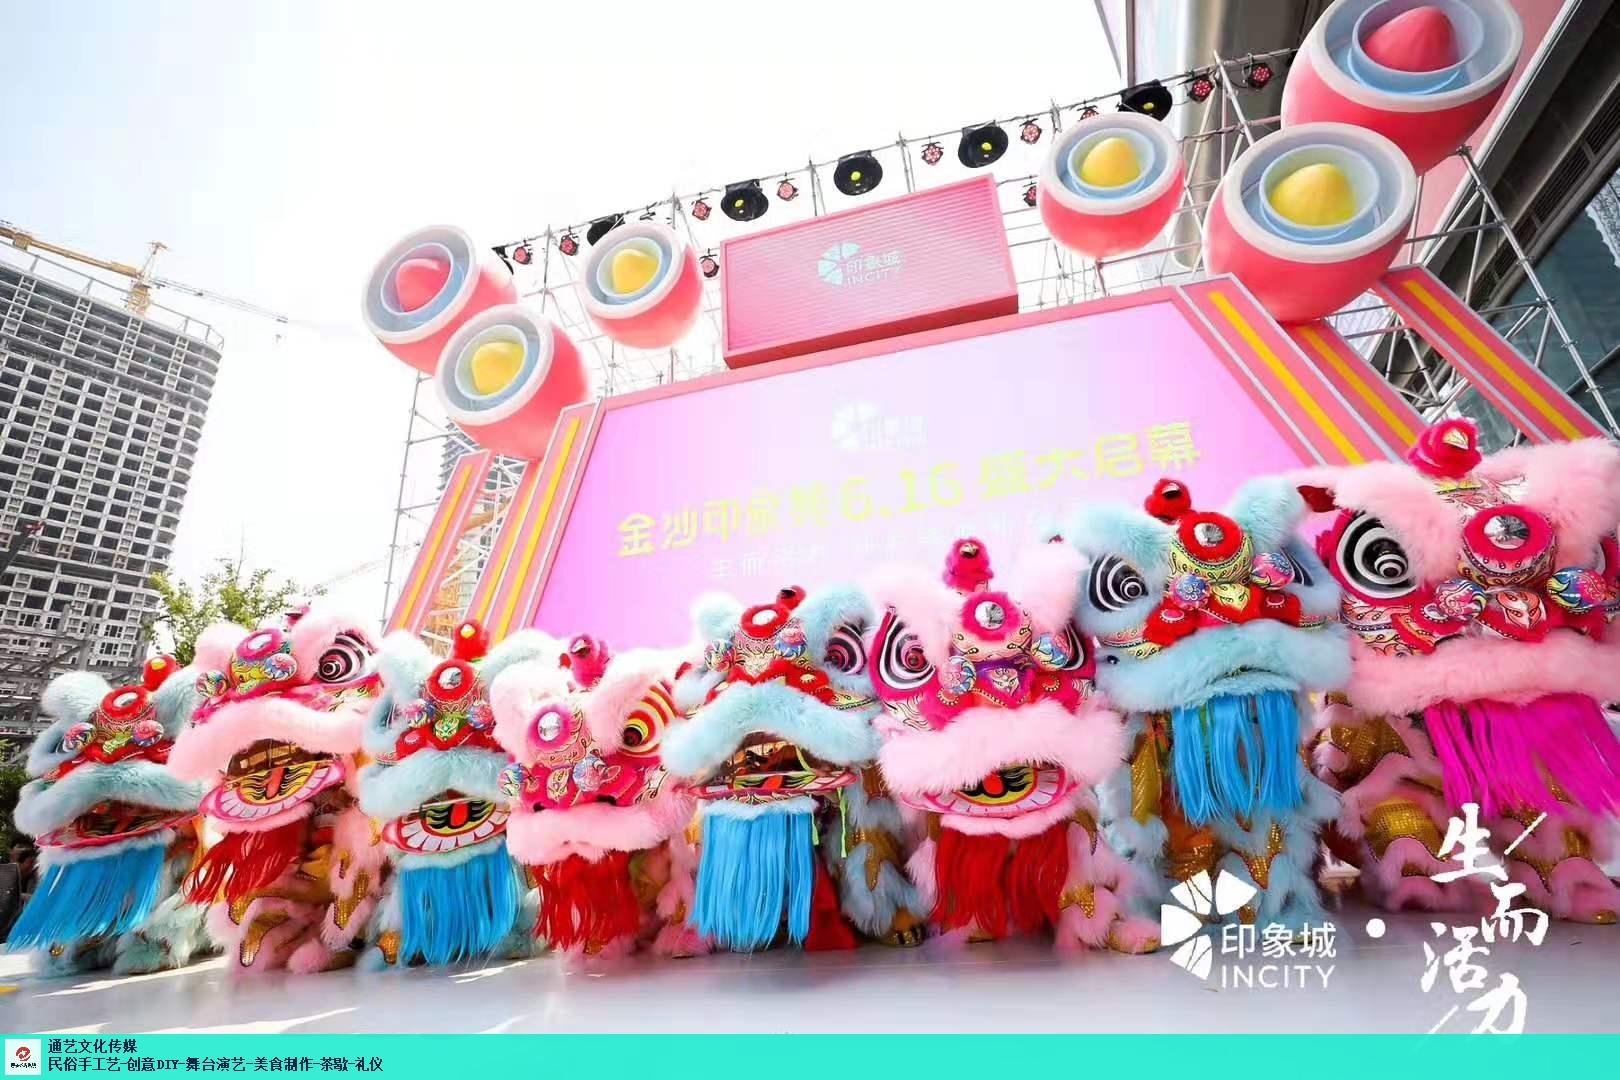 虹口区元宵舞龙舞狮多钱 贴心服务「昆山通艺文化传媒供应」